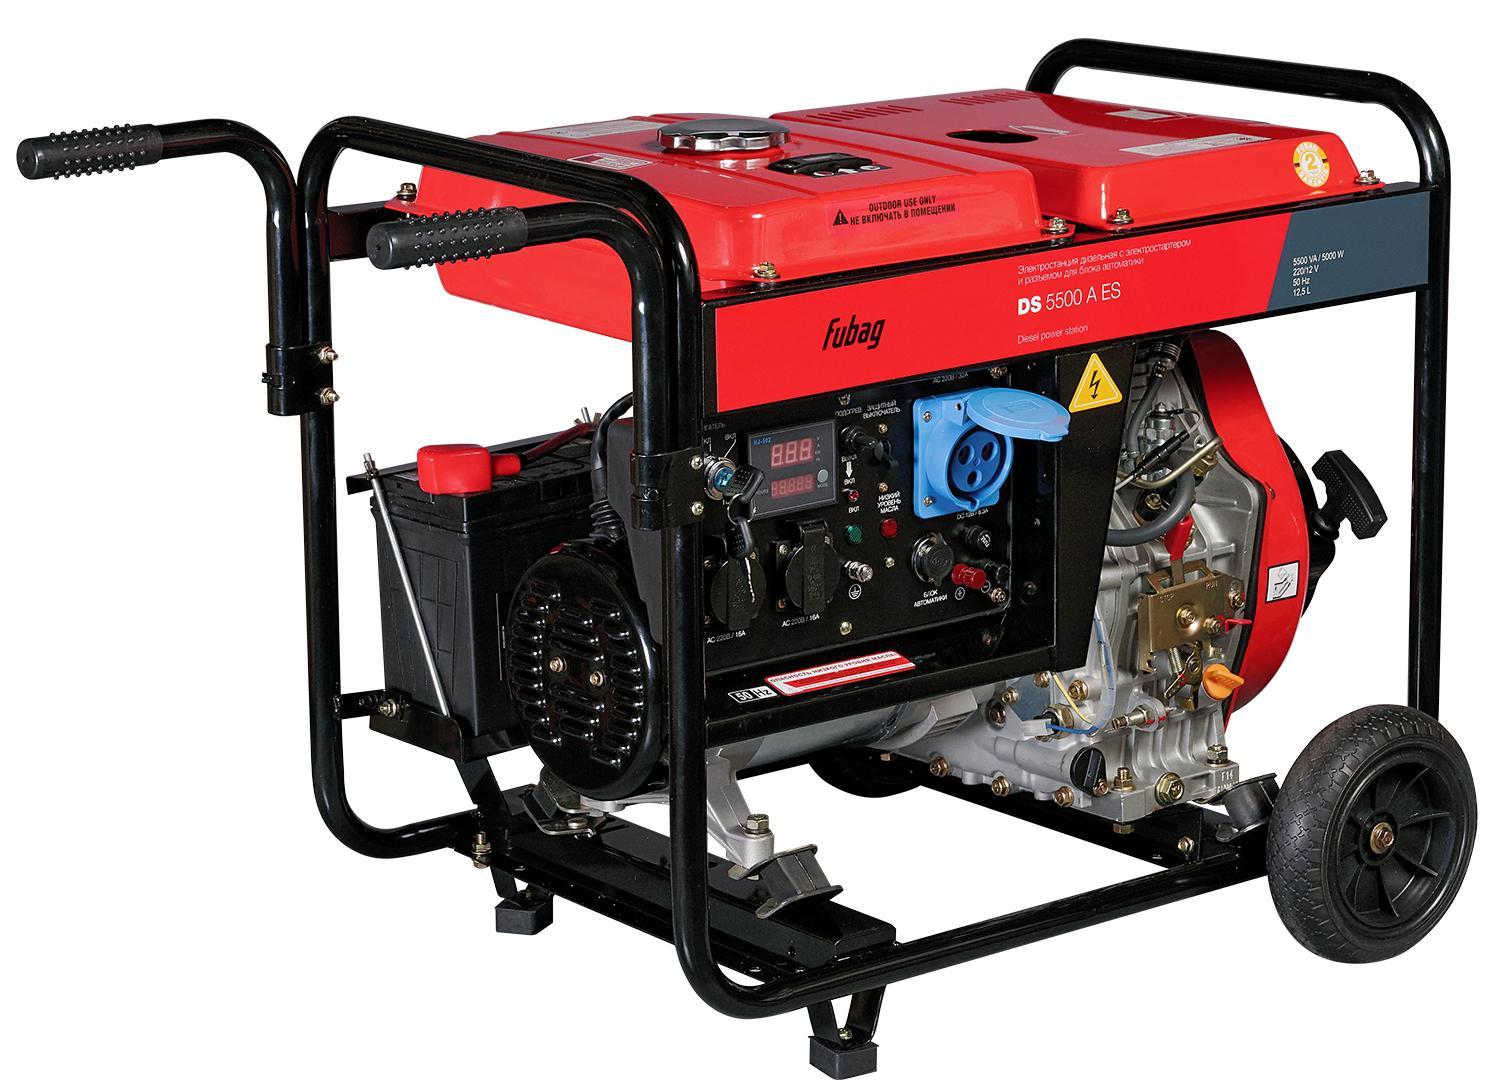 Бензиновый генератор Fubag Ds 5500 a es cкобы fubag 1 05х1 25мм 5 7х22 0 5000шт 140131